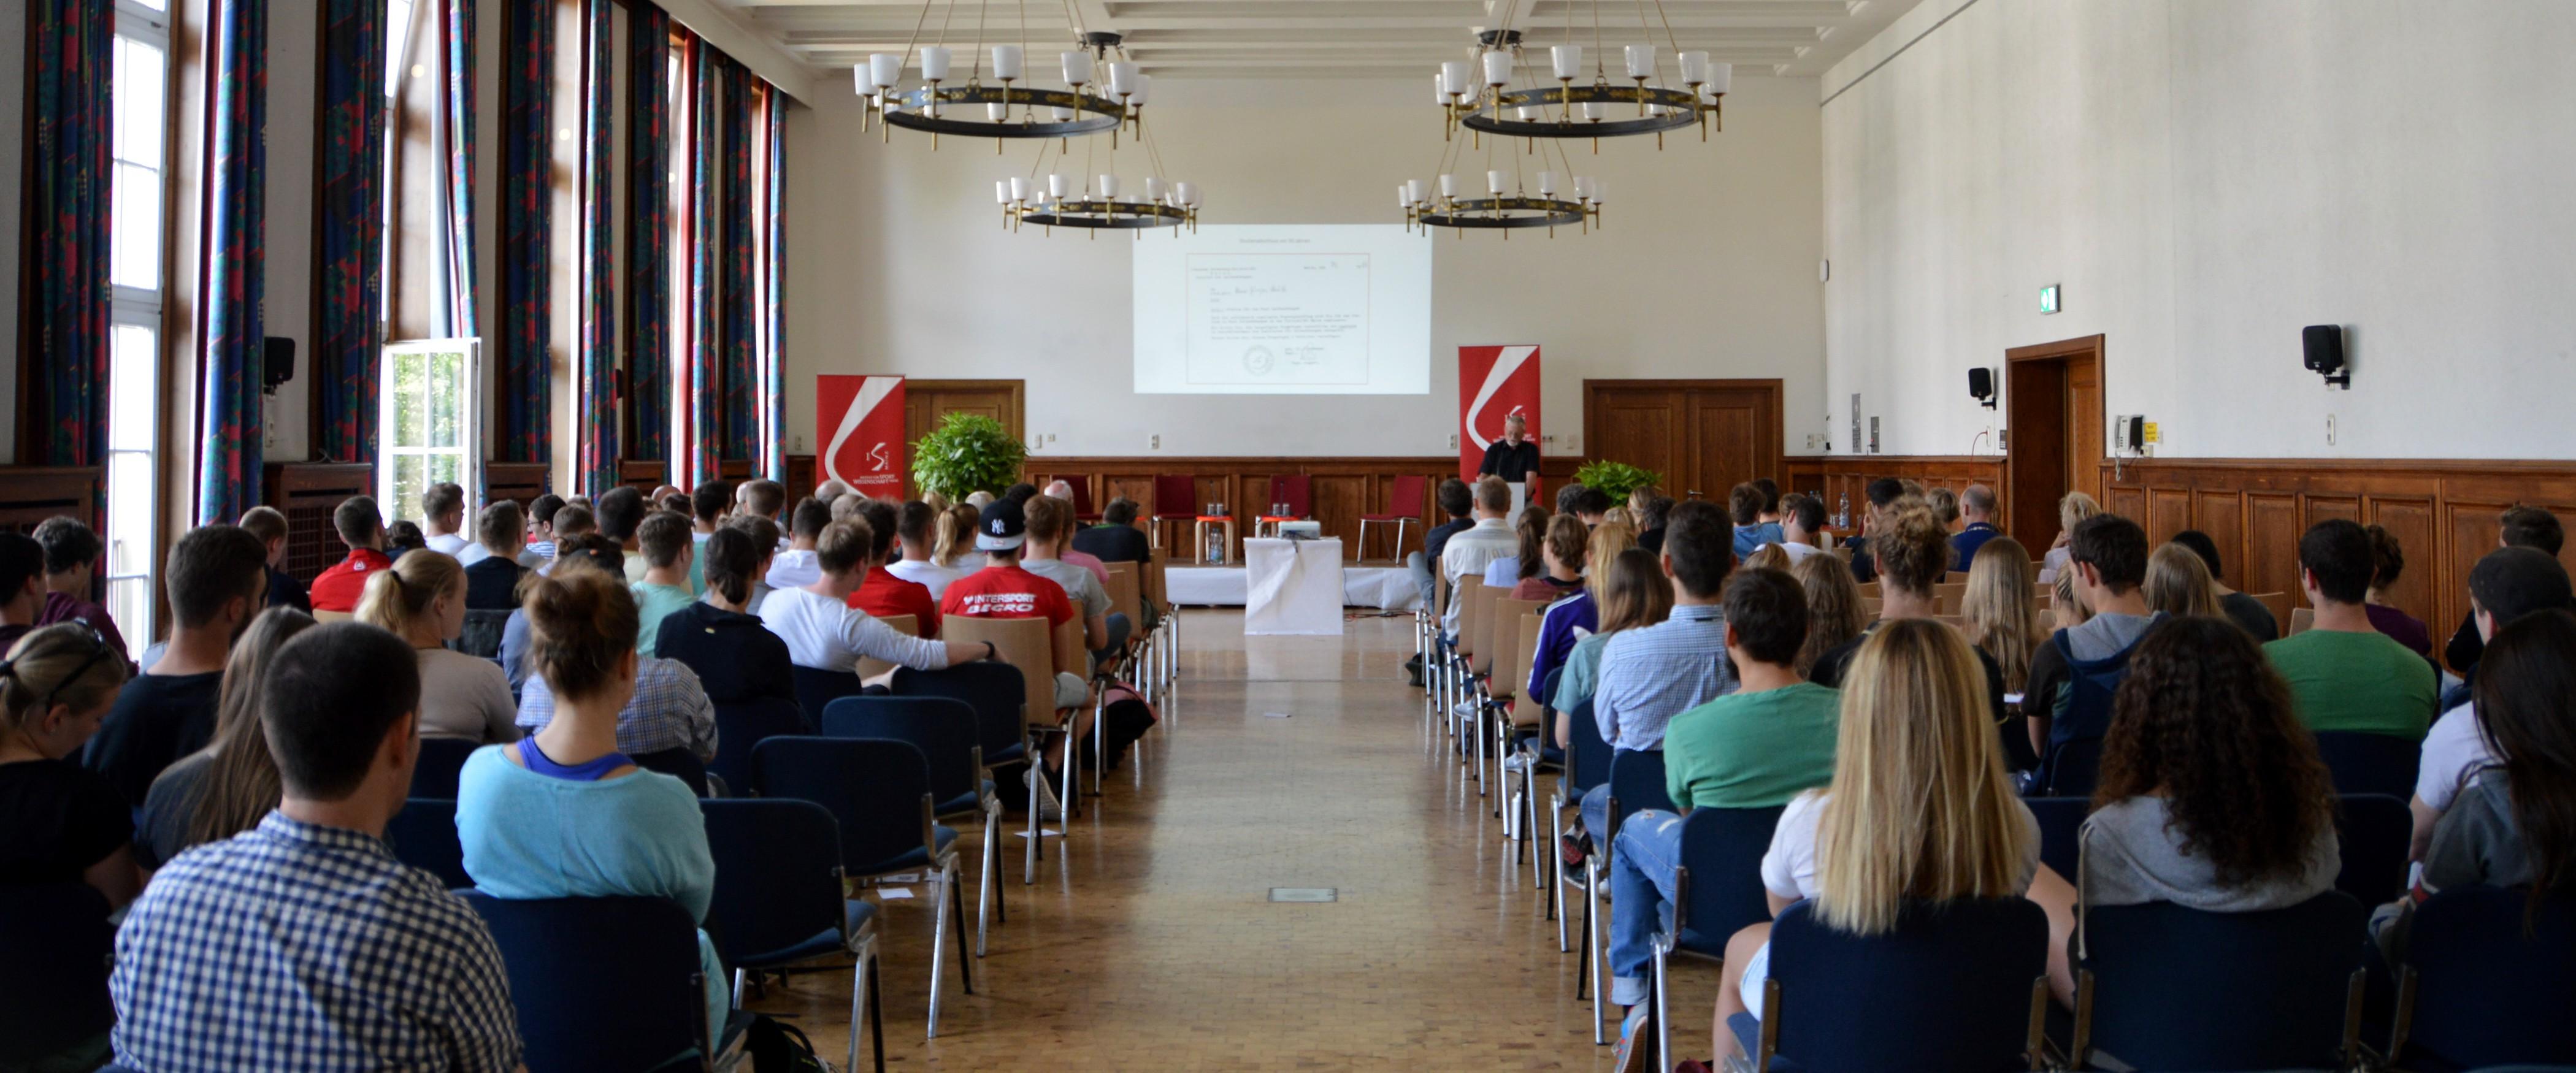 impressionen des instituts fr sportwissenschaft der universitt mainz - Uni Mainz Bewerbung